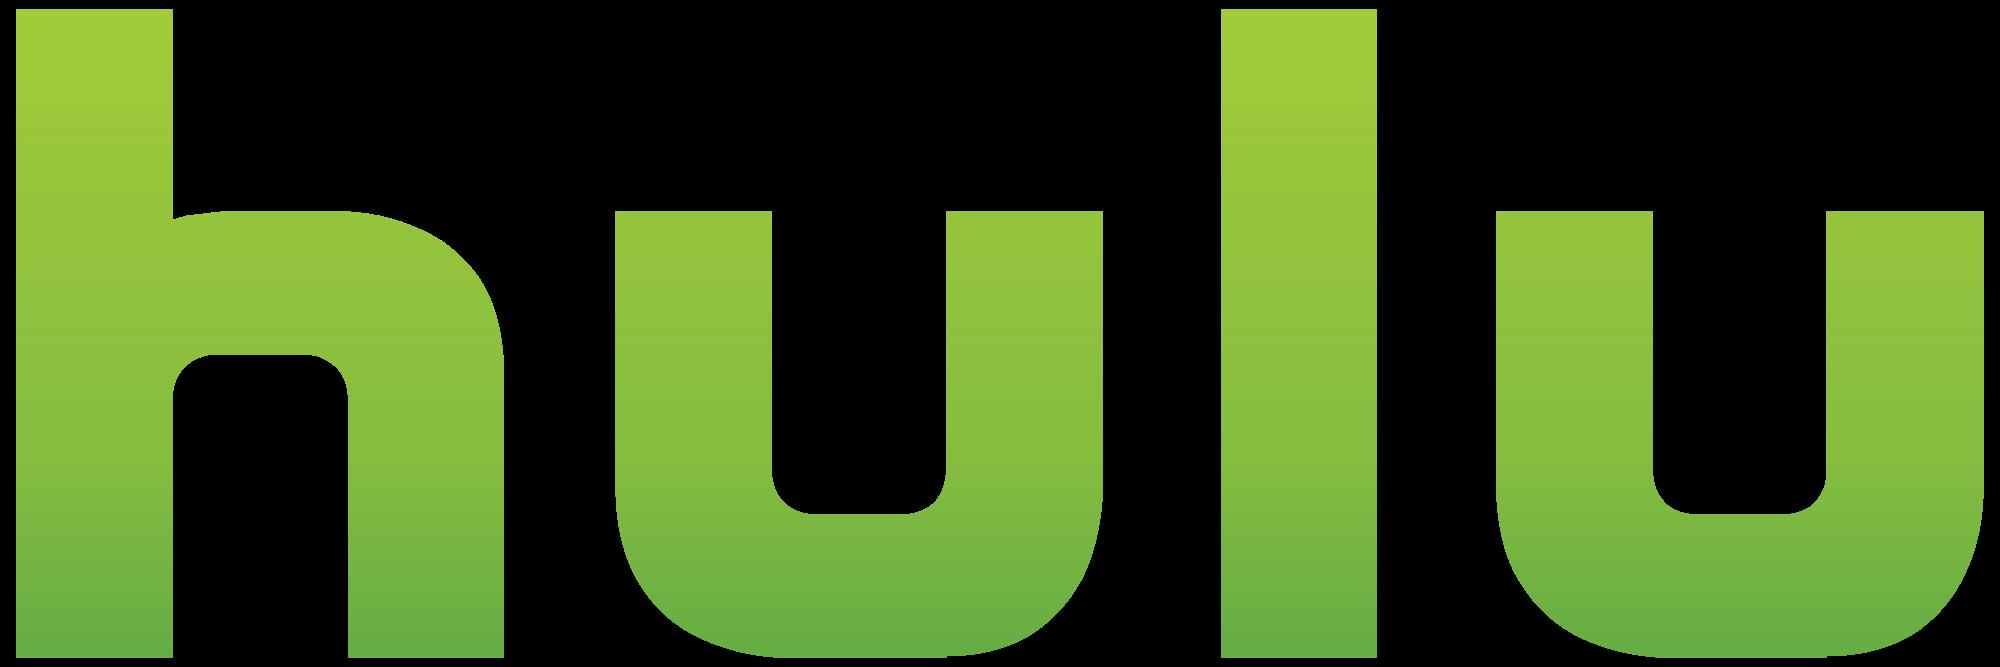 hulu1.png